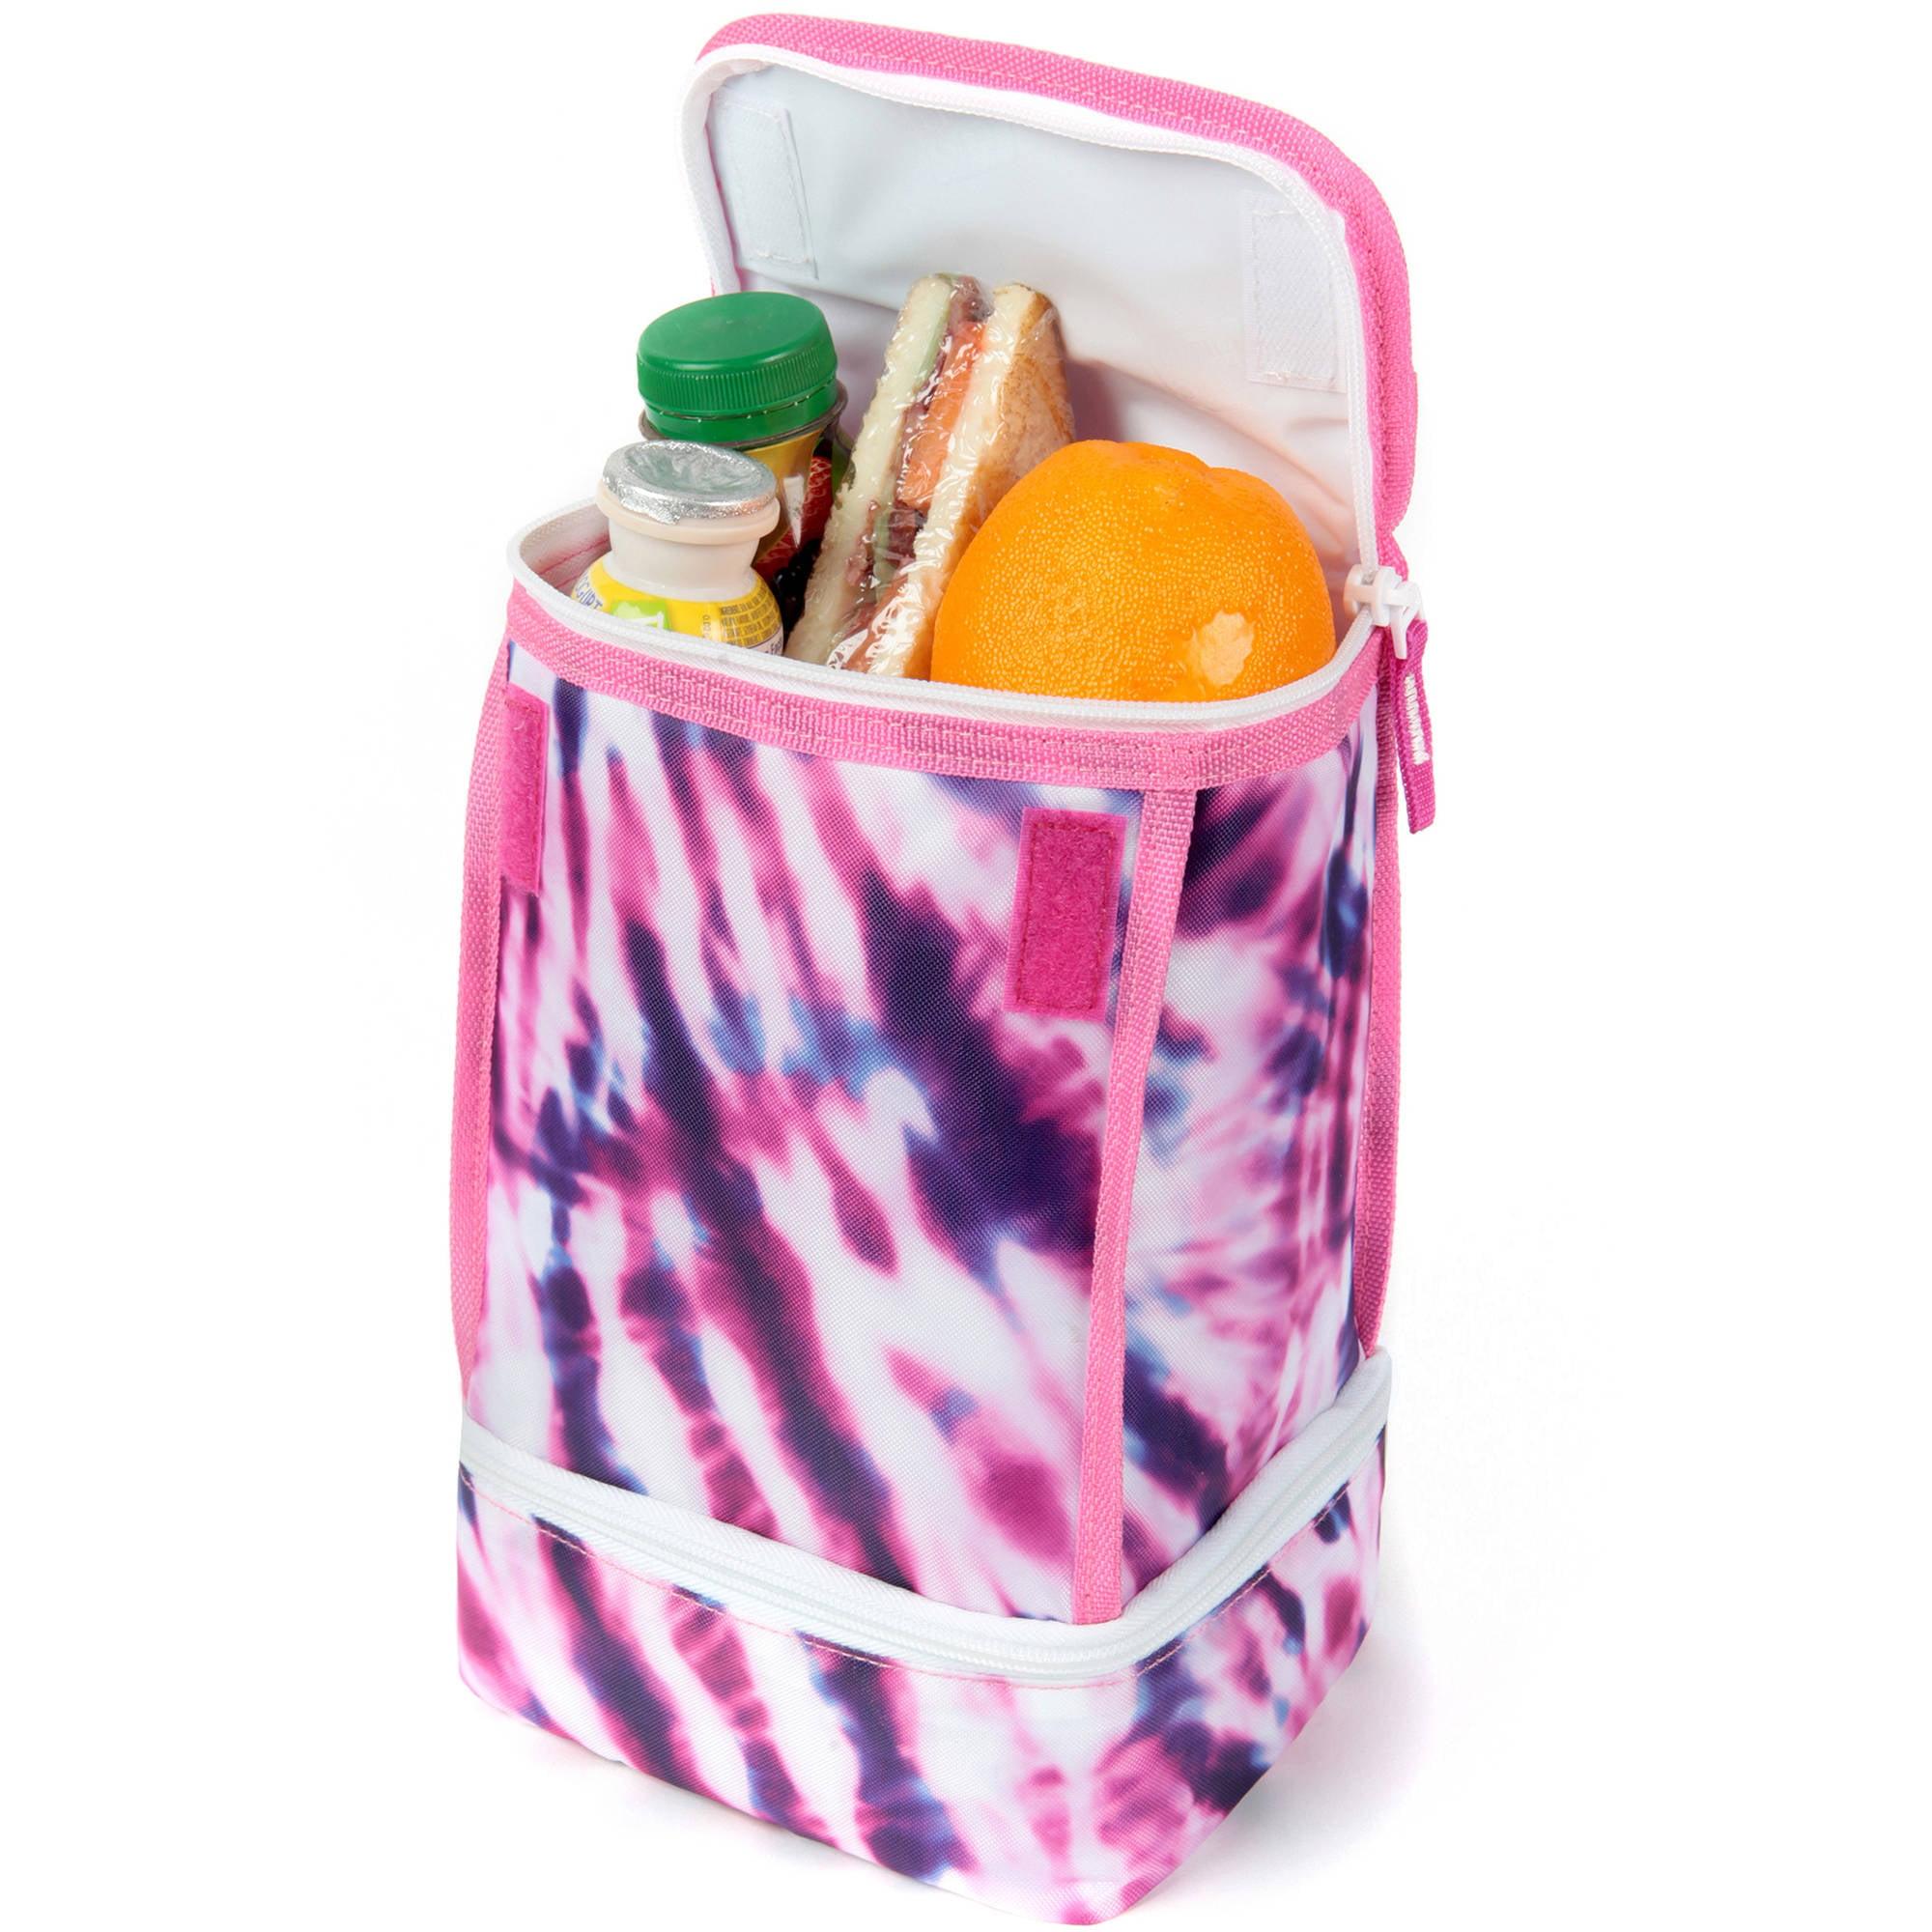 Artic Zone Lunch Bag Plus, Tie Dye